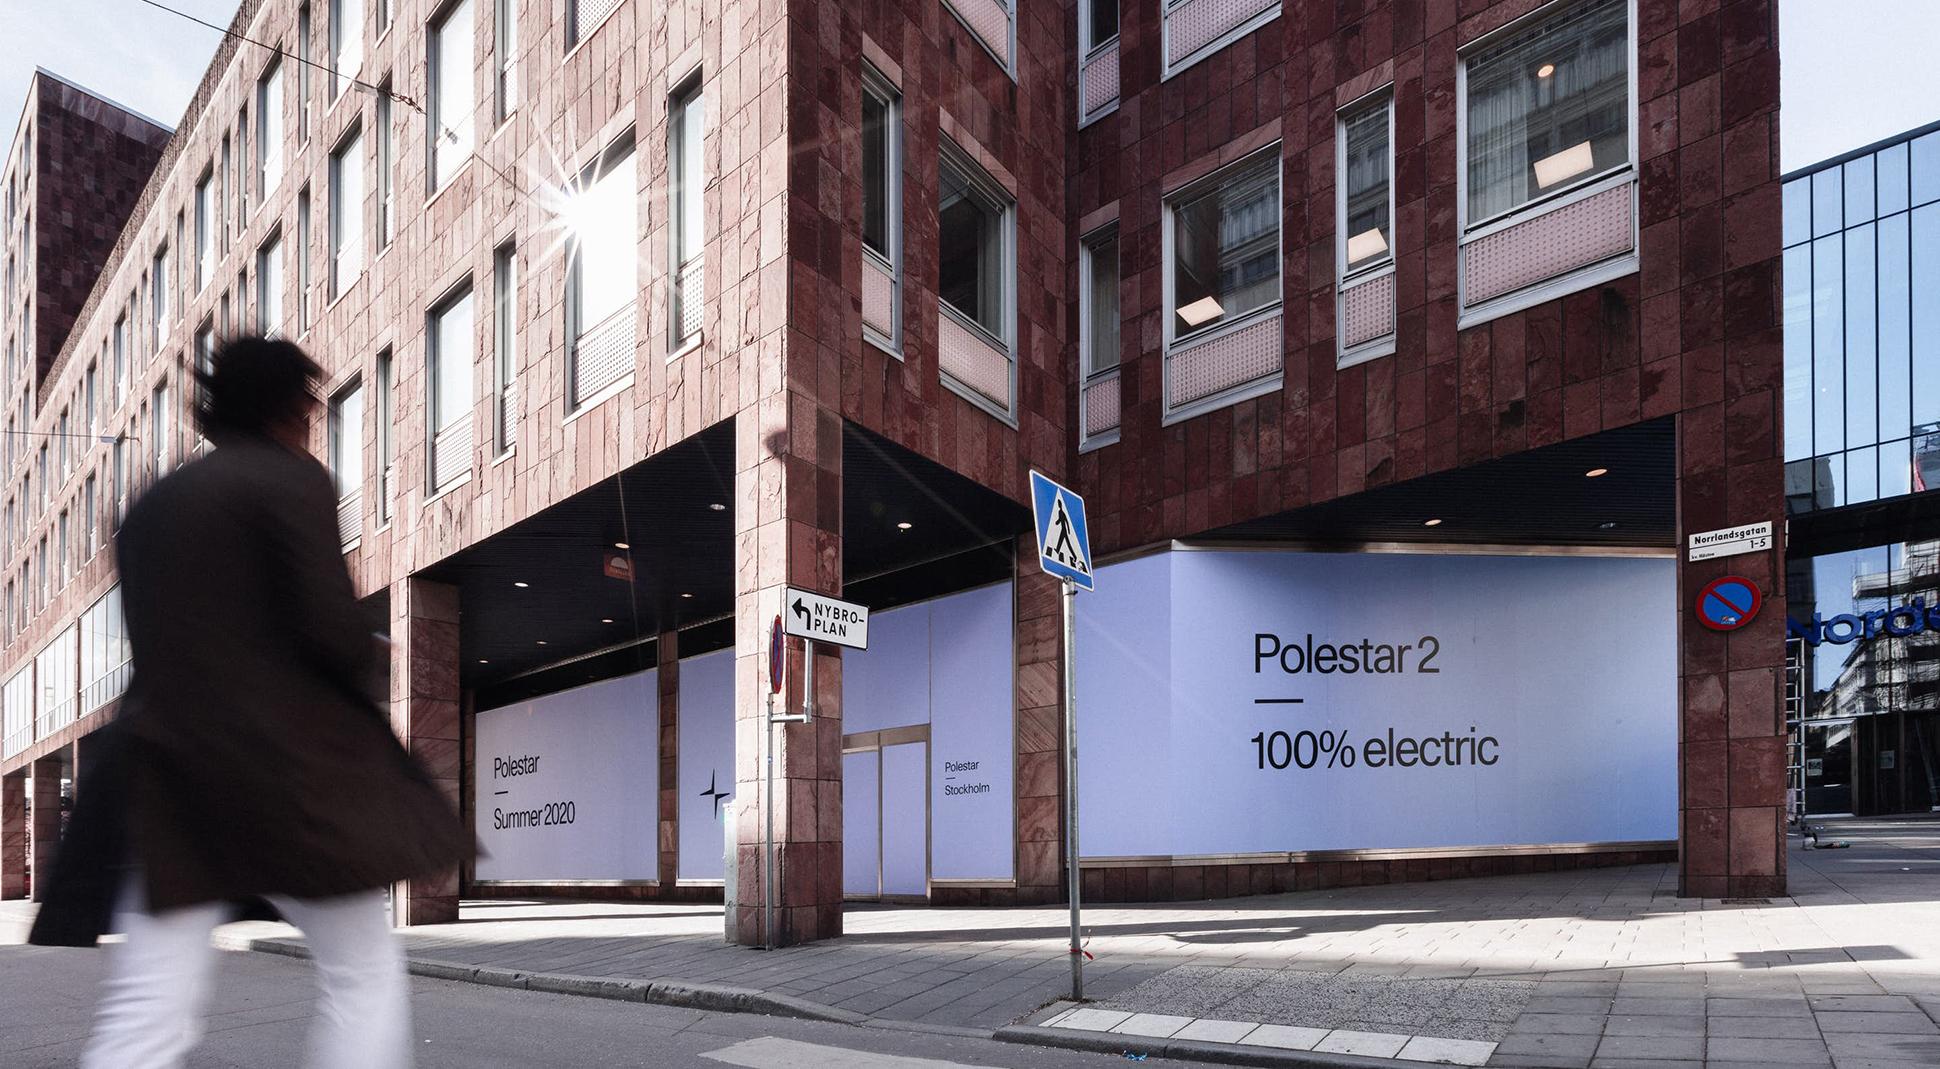 Polestar Space öppnar i Stockholm och Göteborg nu i sommar Dags för showroom även i Sverige